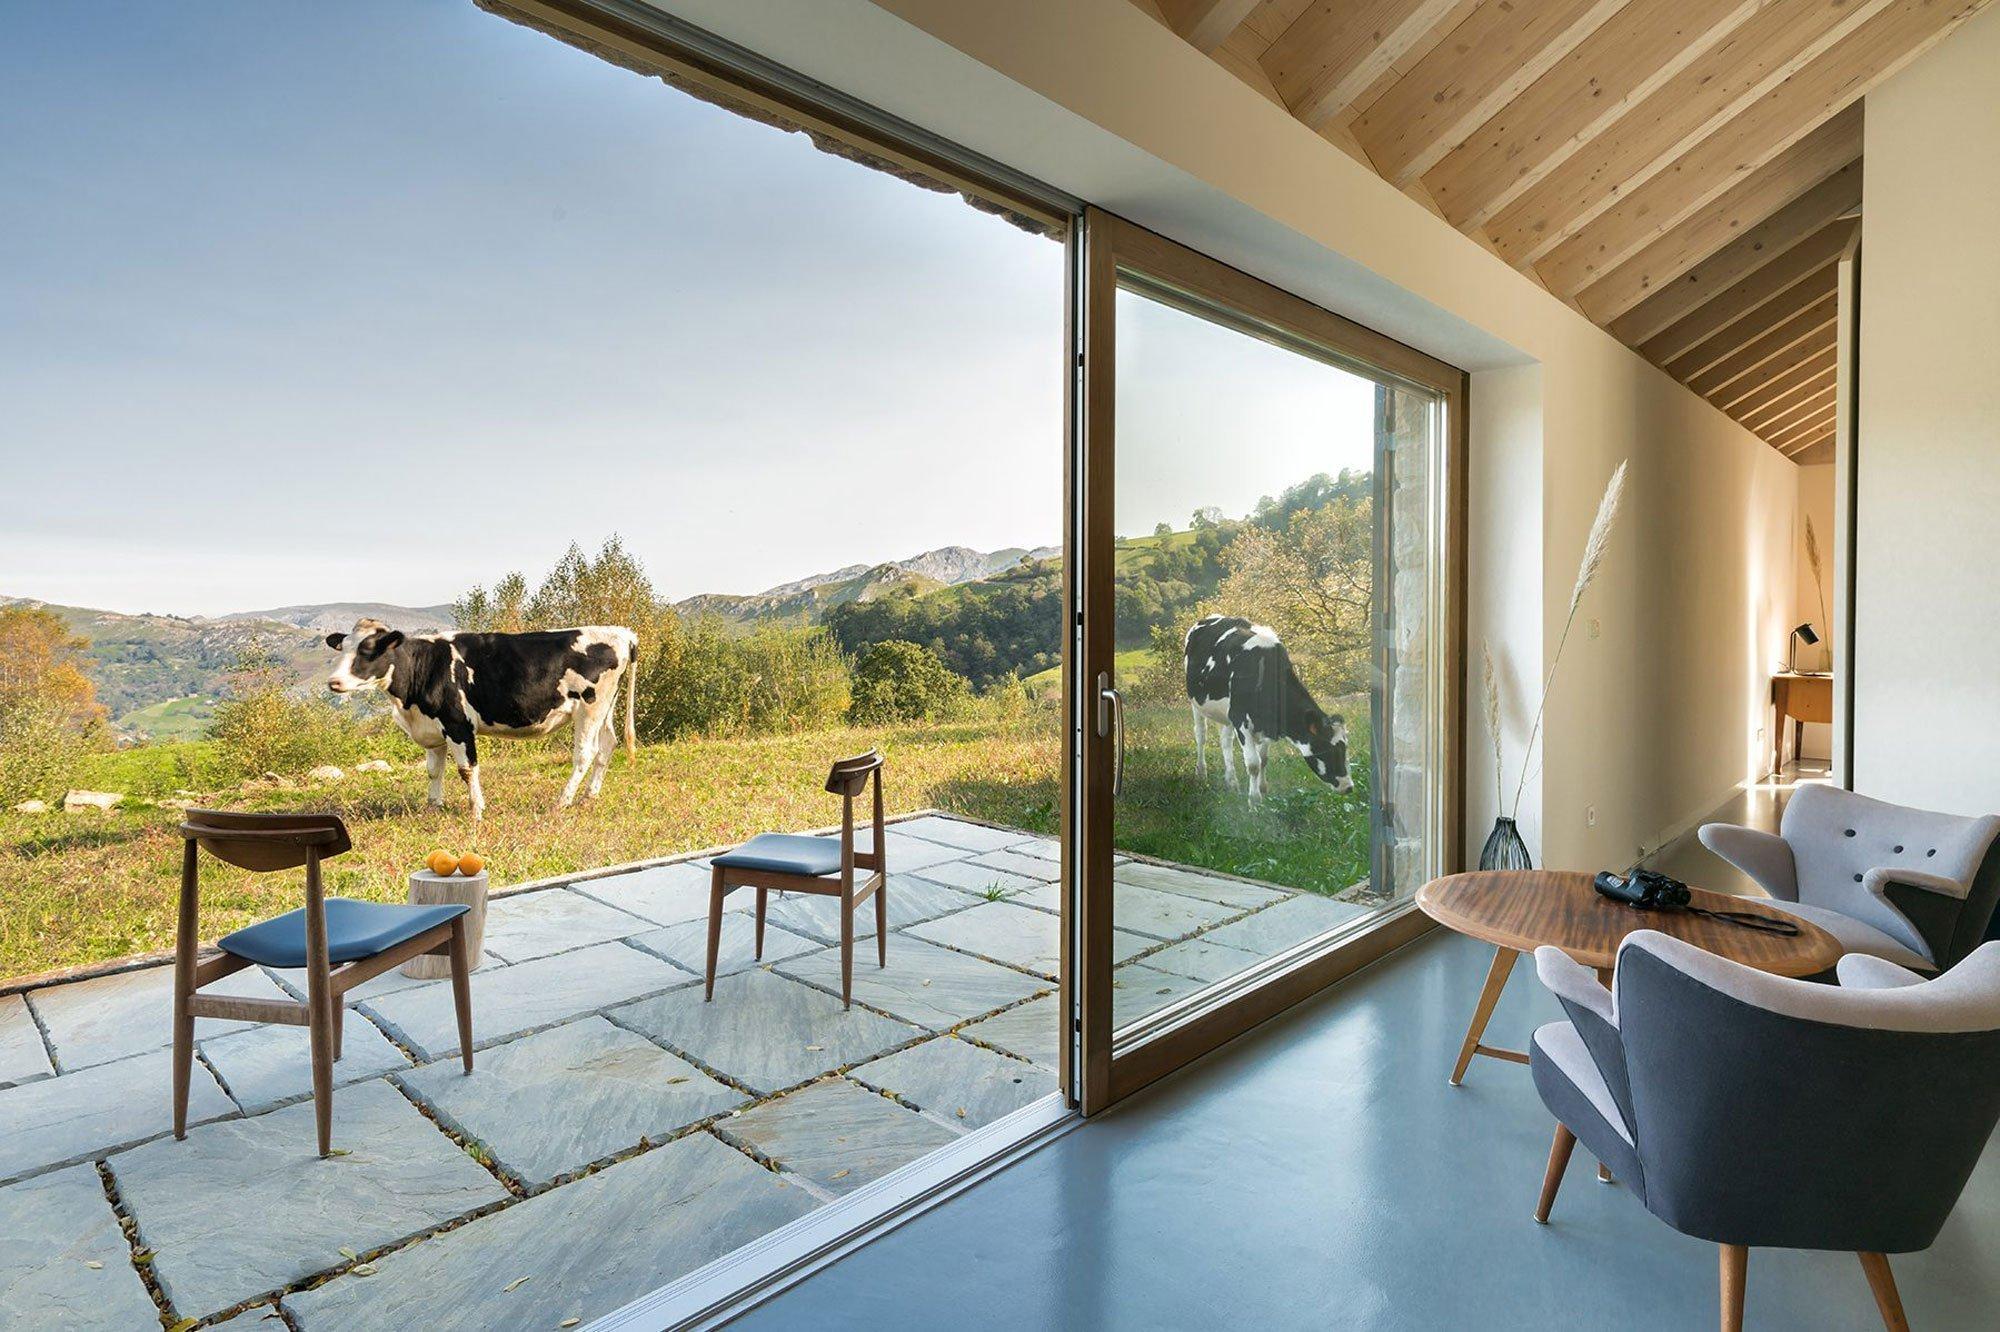 Dnes se podíváme na víkendové bydlení, které nemá obdoby. Dům, ležící uprostřed hor, s překrásným výhledem do okolí a přírodě takřka na dosah. Velká okna, masivní dřevo, terasa s posezením a moderní interiér vytvořený pro pohodlný odpočinek. To vše je součástí tohoto víkendového domu.